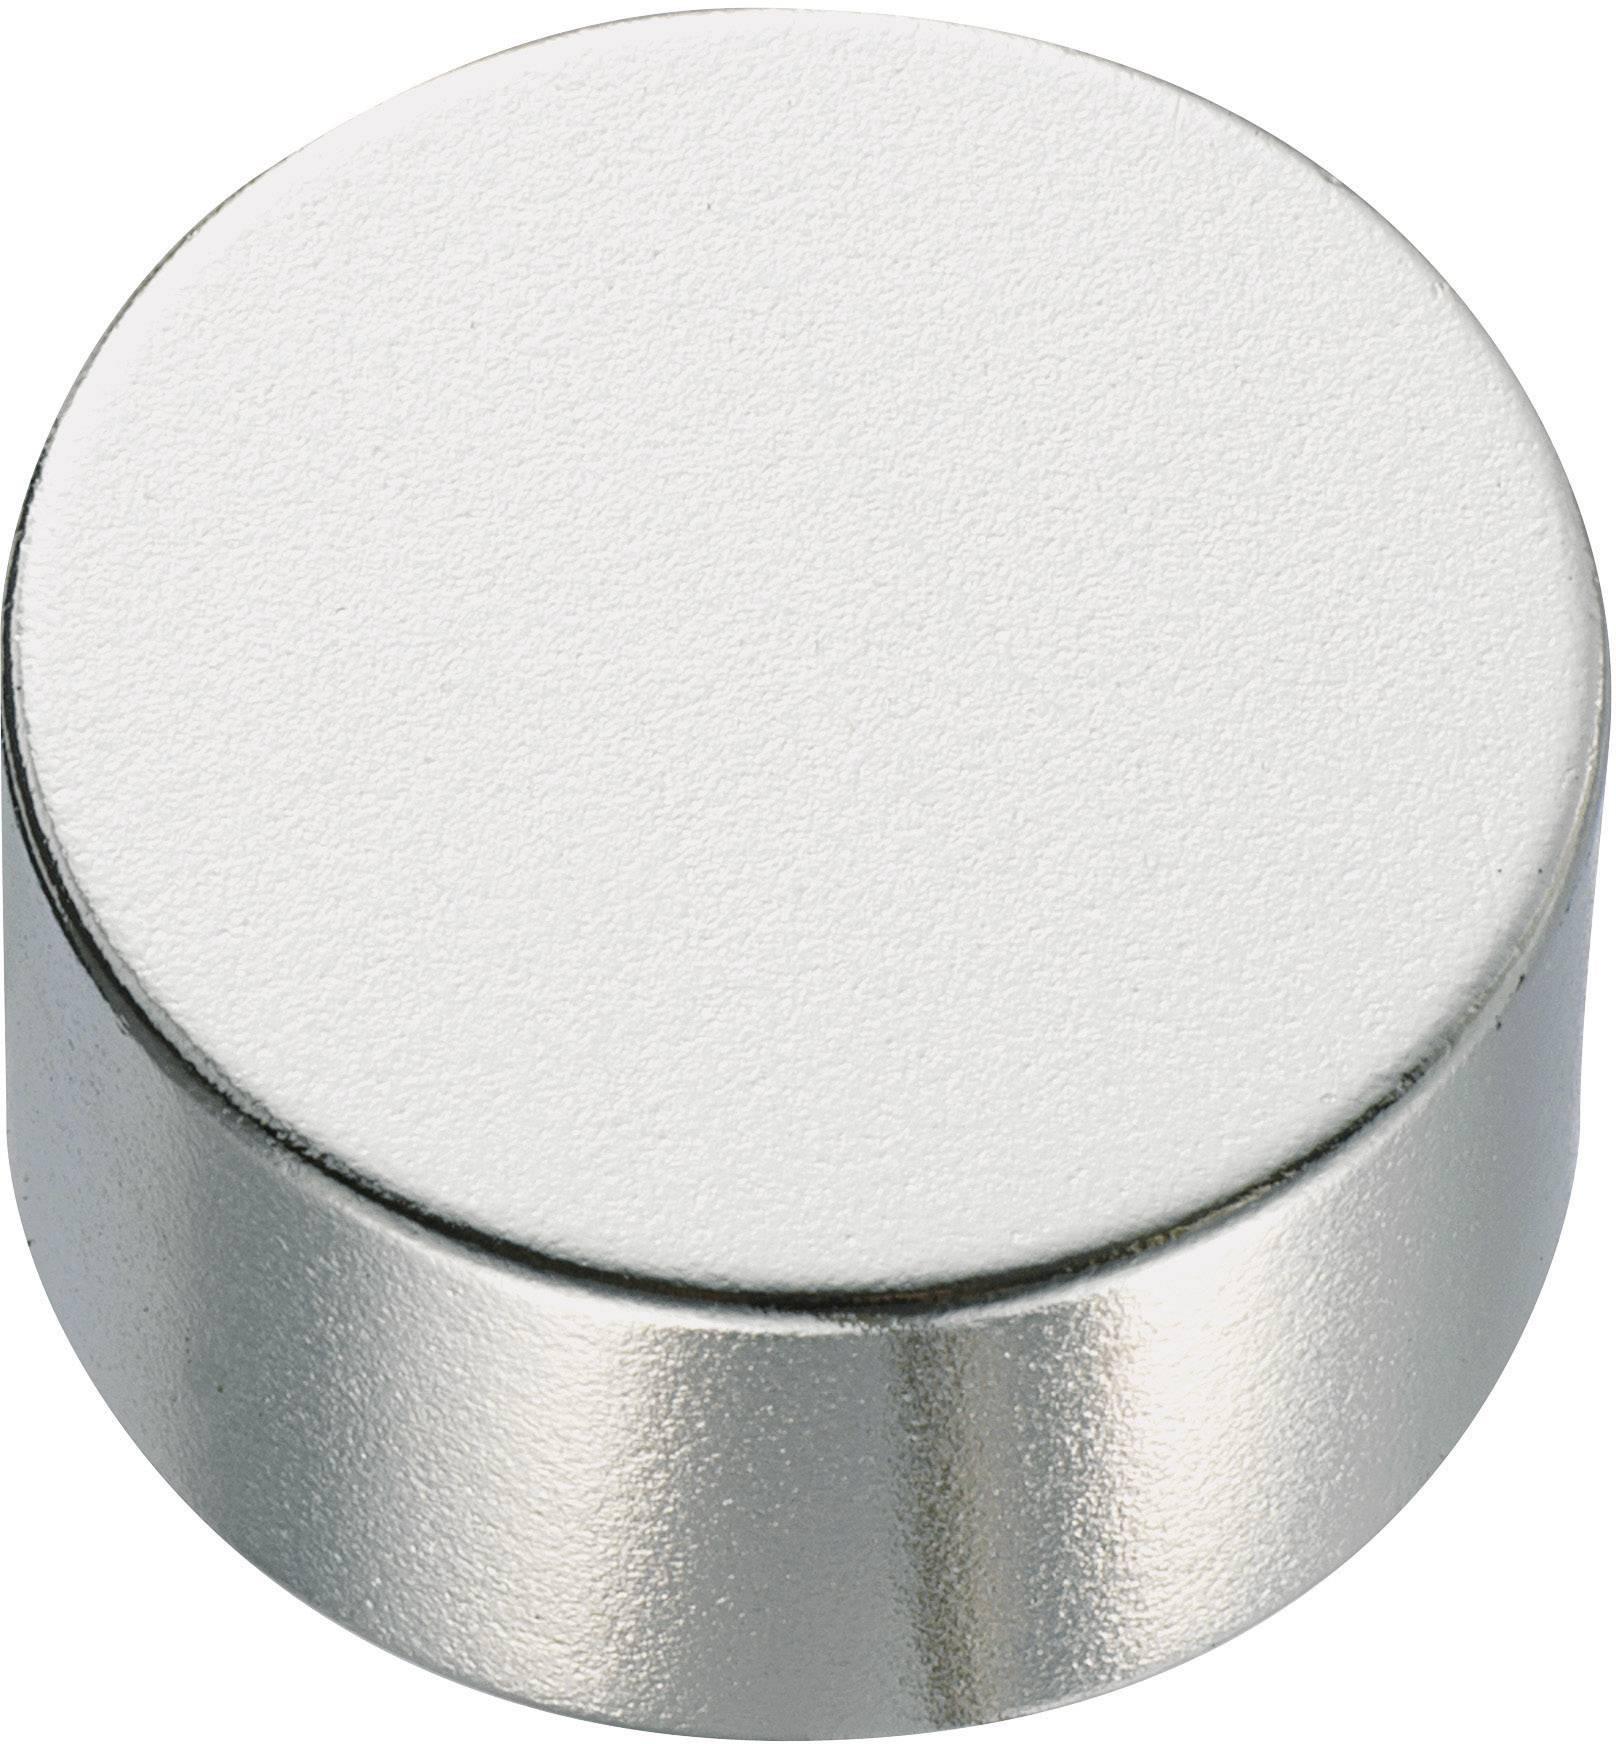 Permanentný magnet, valcový, N45, 1.37 T, Max.pracovná teplota: 80 ° C, 5 x 2 mm